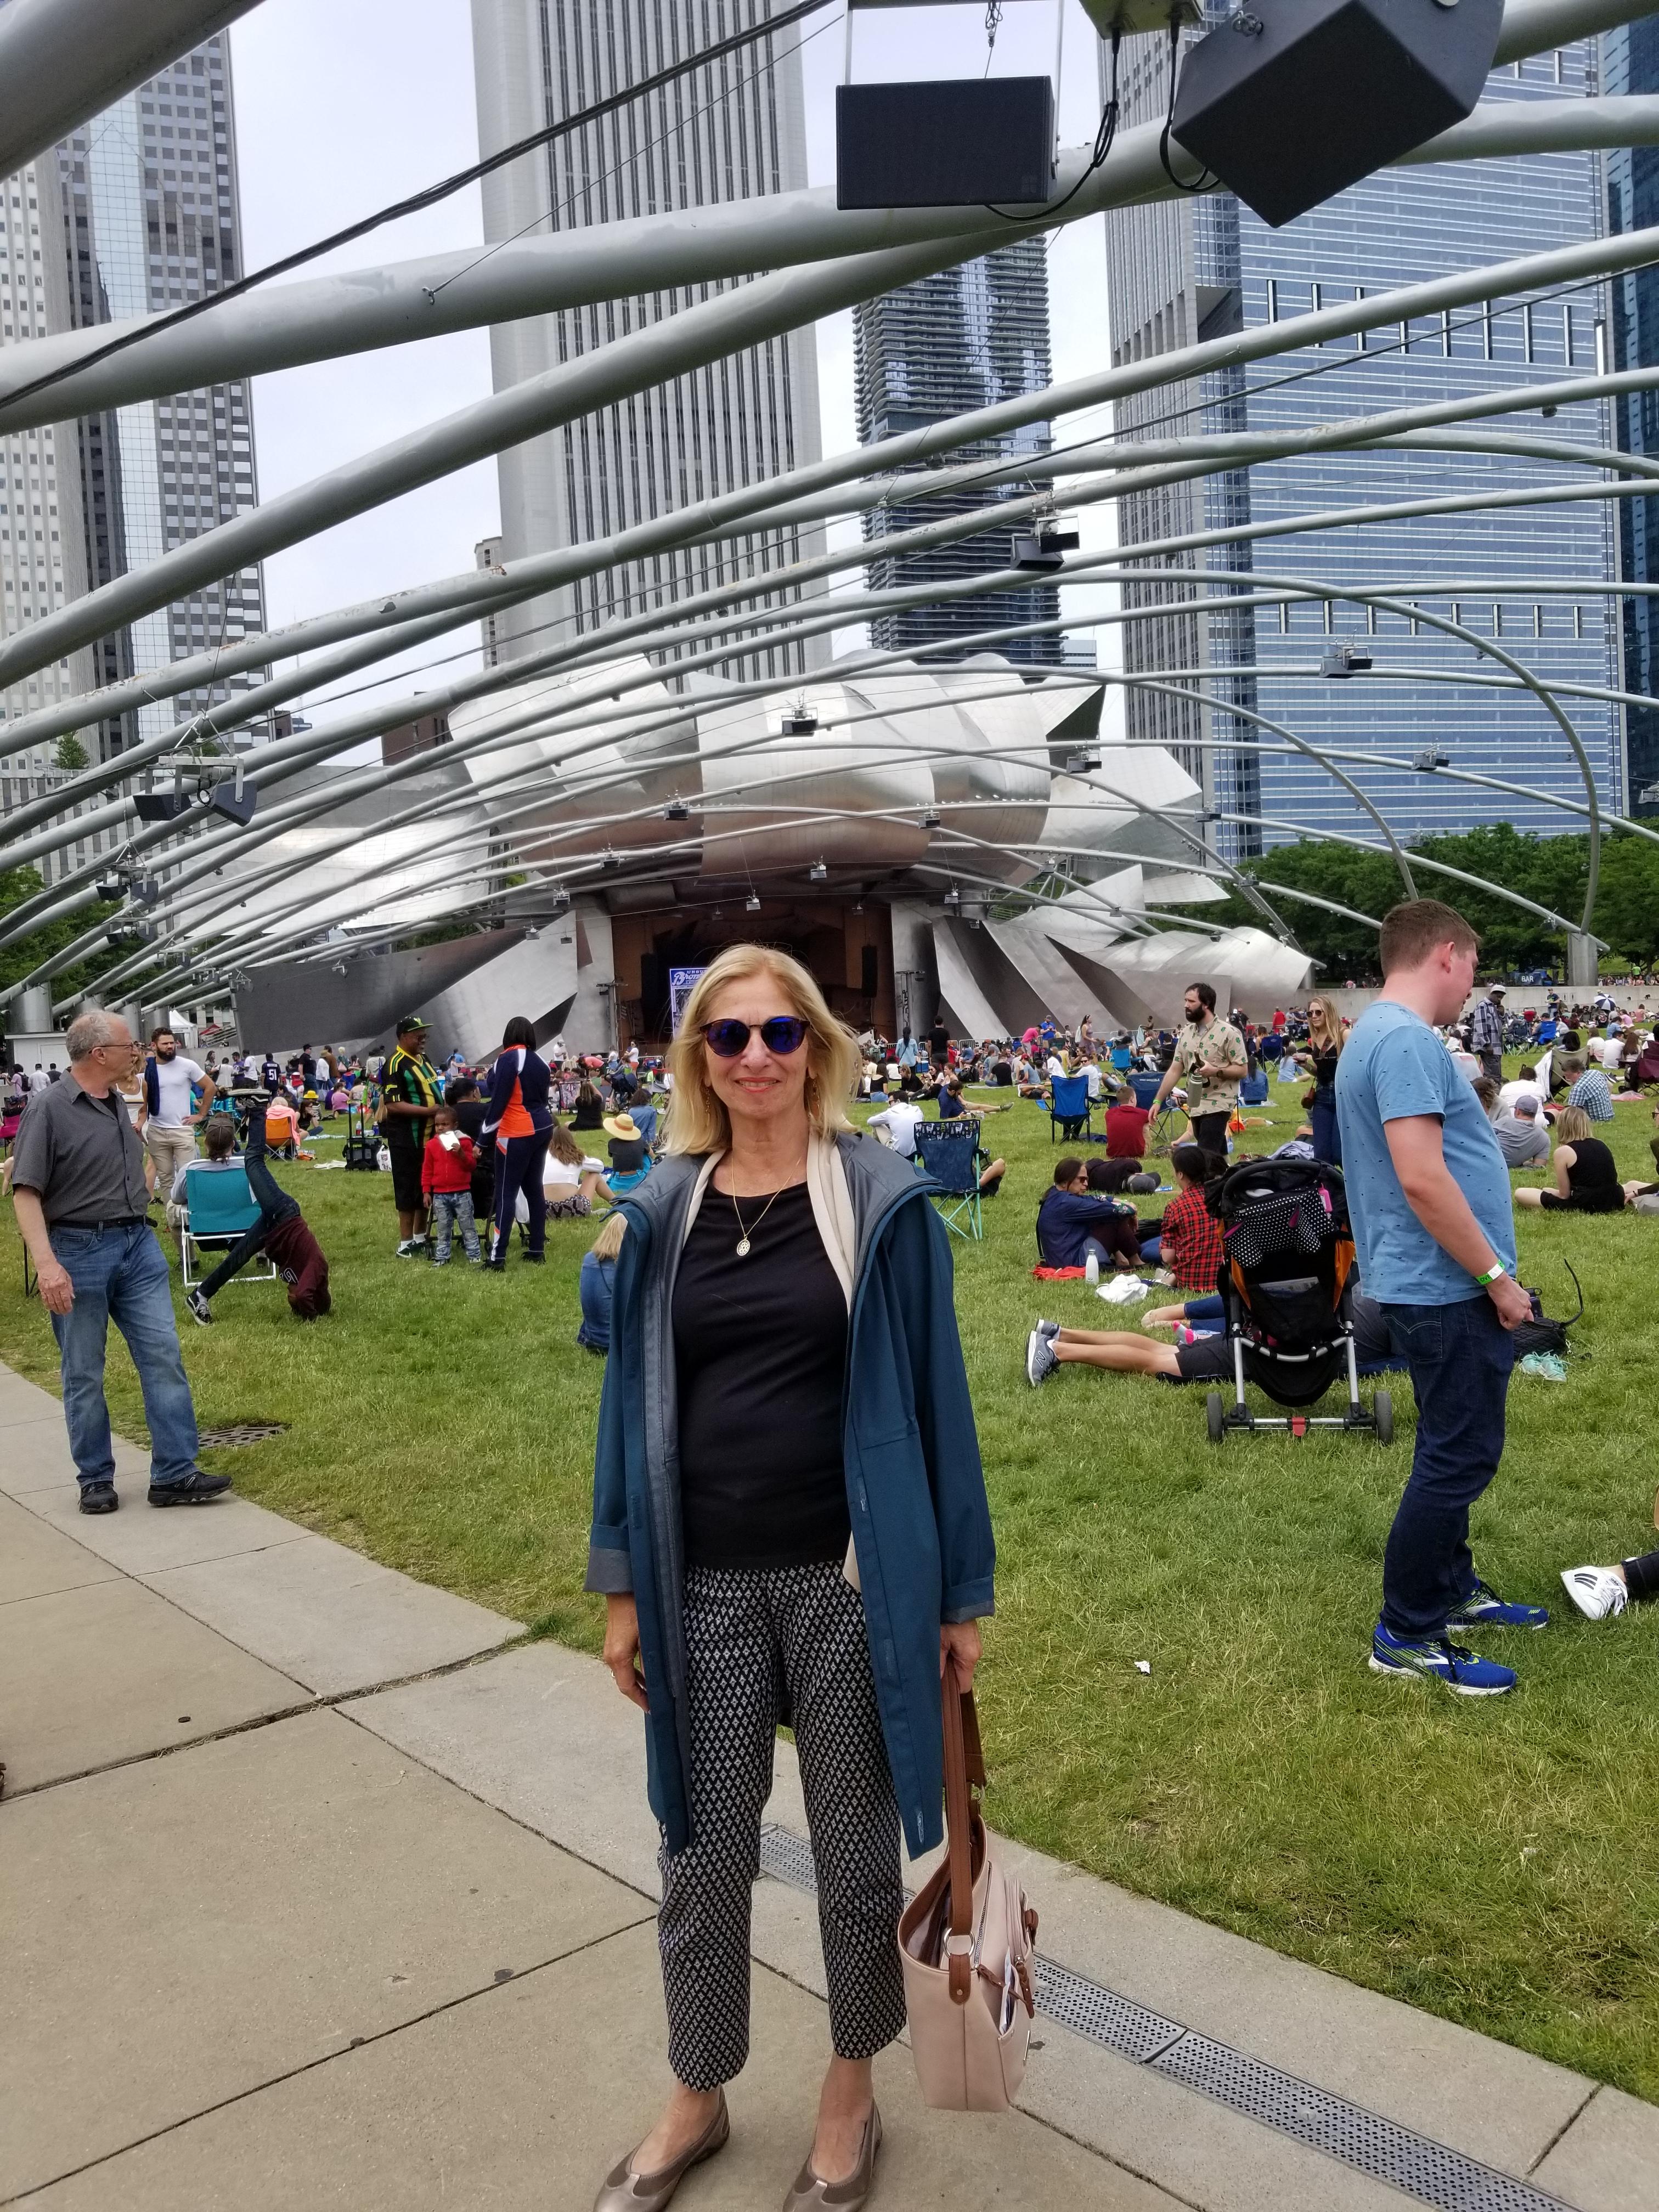 G in Chicago